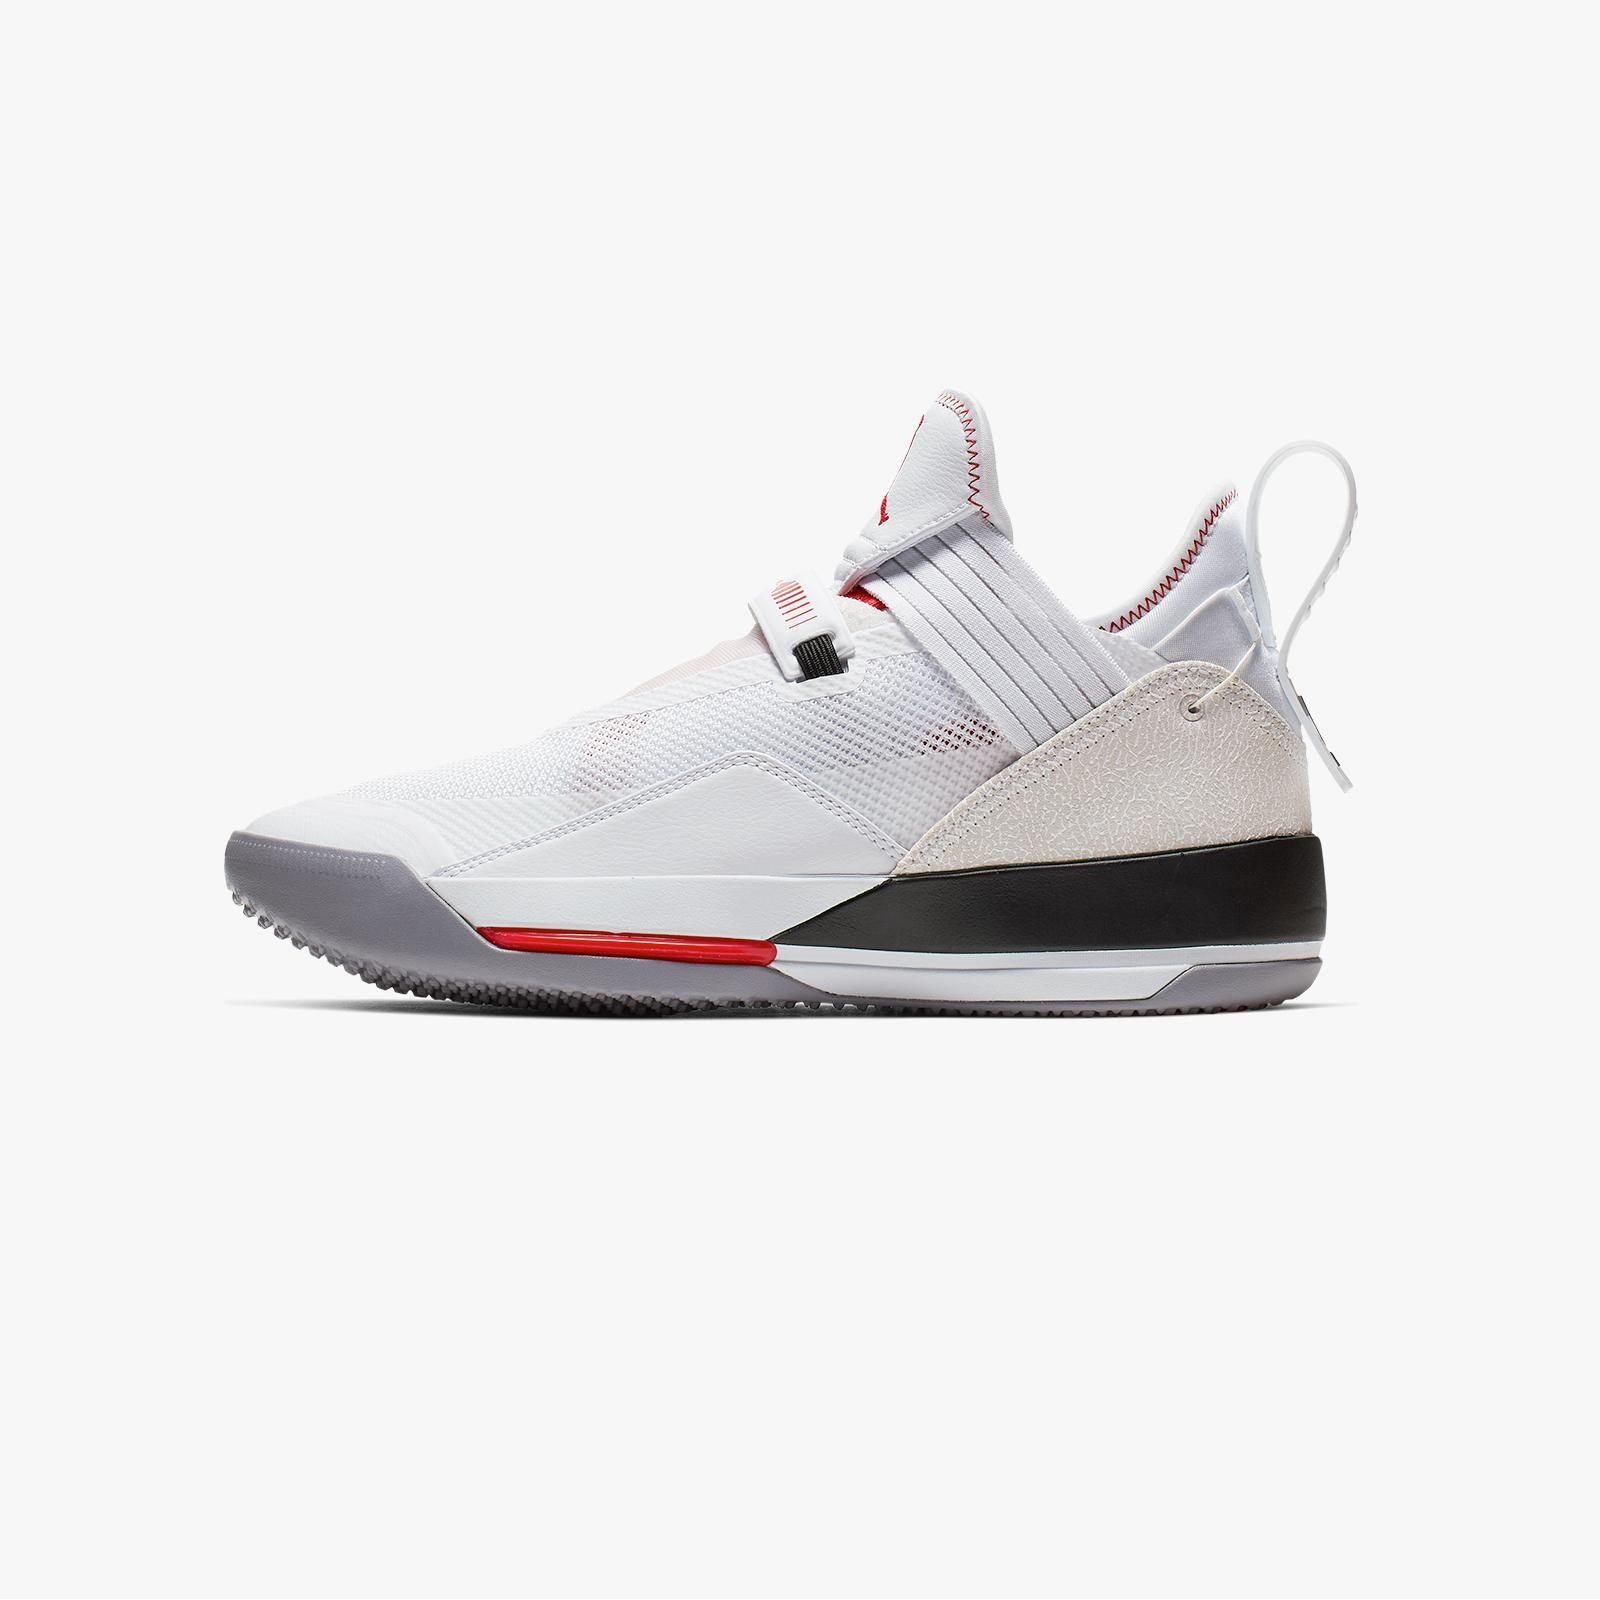 65ea8330545 Jordan Brand Air Jordan XXXIII SE - Cd9560-106 - Sneakersnstuff | sneakers  & streetwear online since 1999